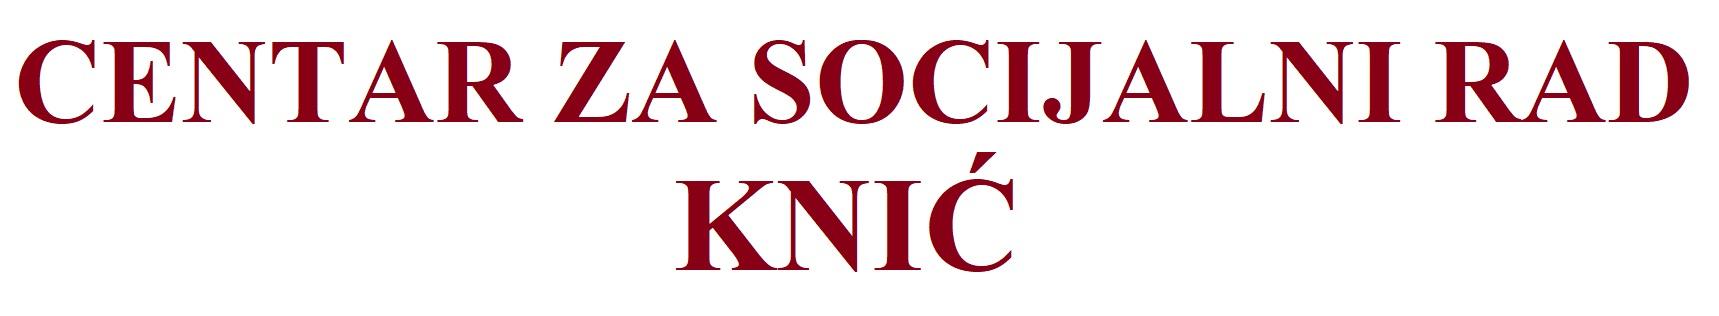 Centar za socijalni rad